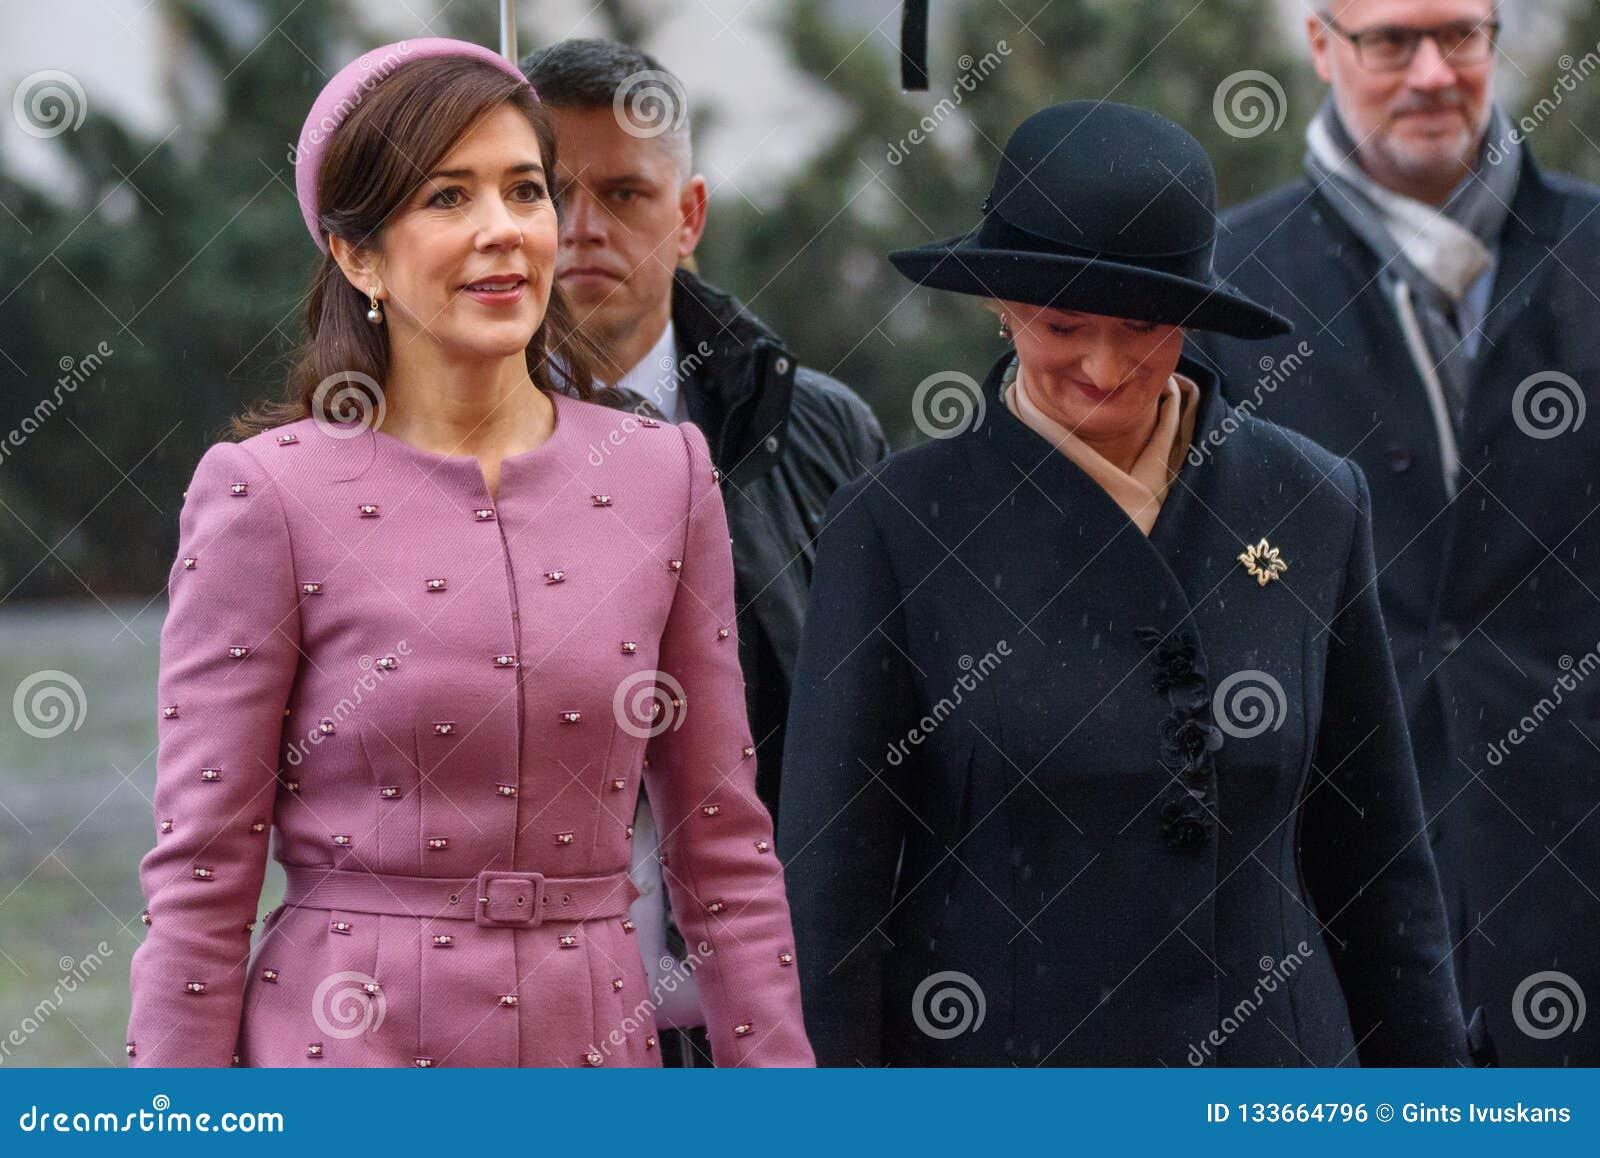 Princesa Real Mary Elizabeth de Dinamarca y primera señora de Letonia, Iveta Vejone